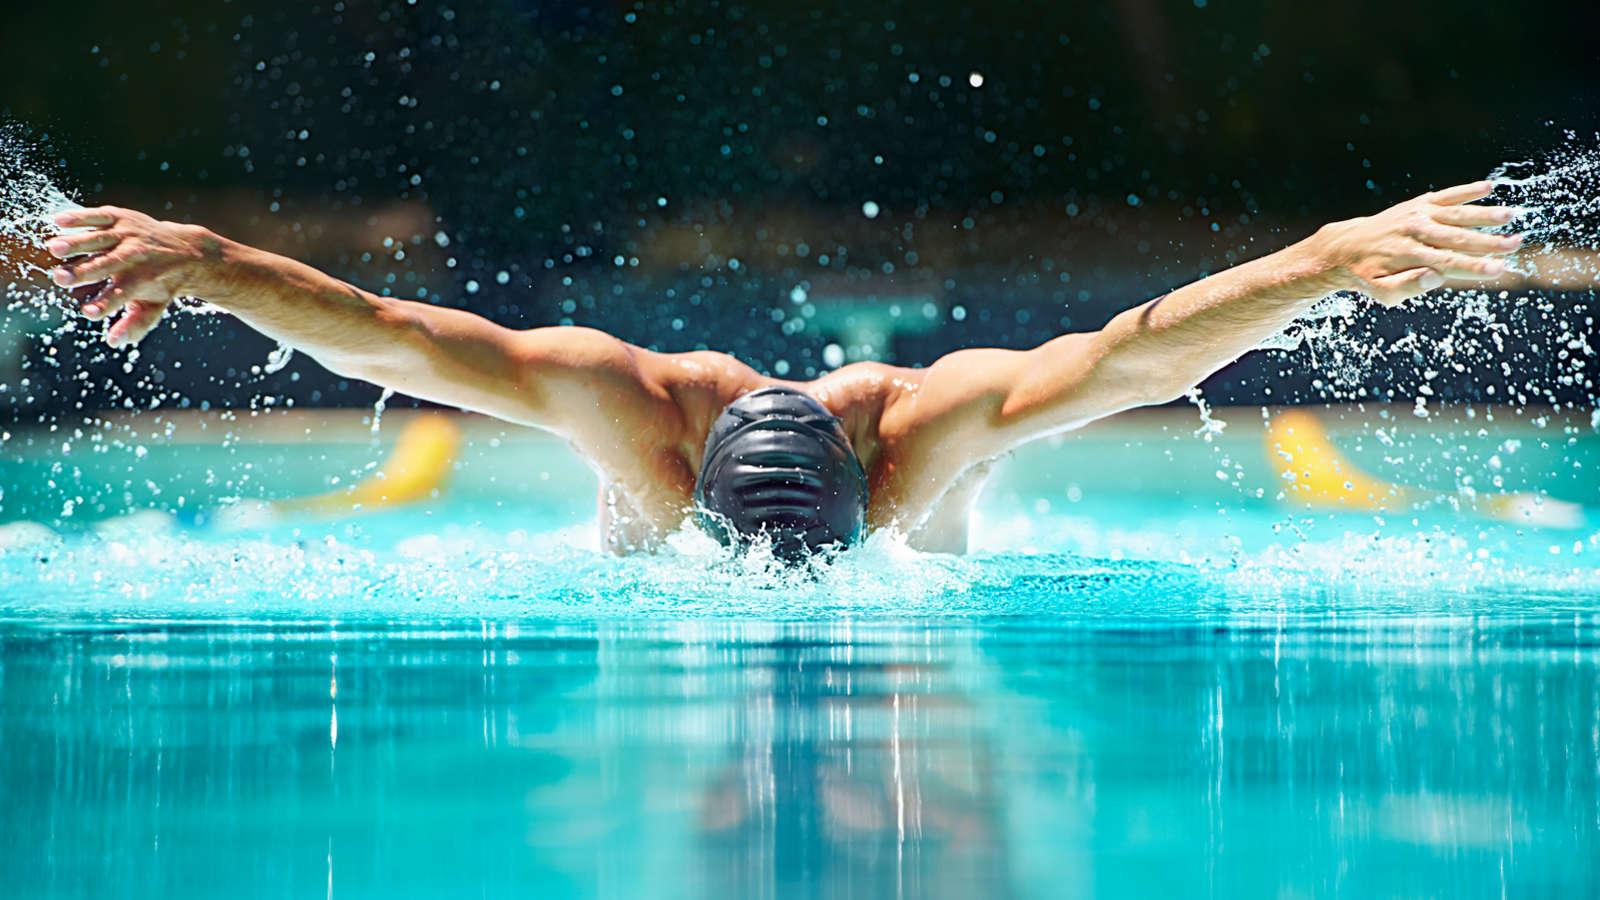 Tác dụng tuyệt vời cho cơ thể bạn khi đi bơi